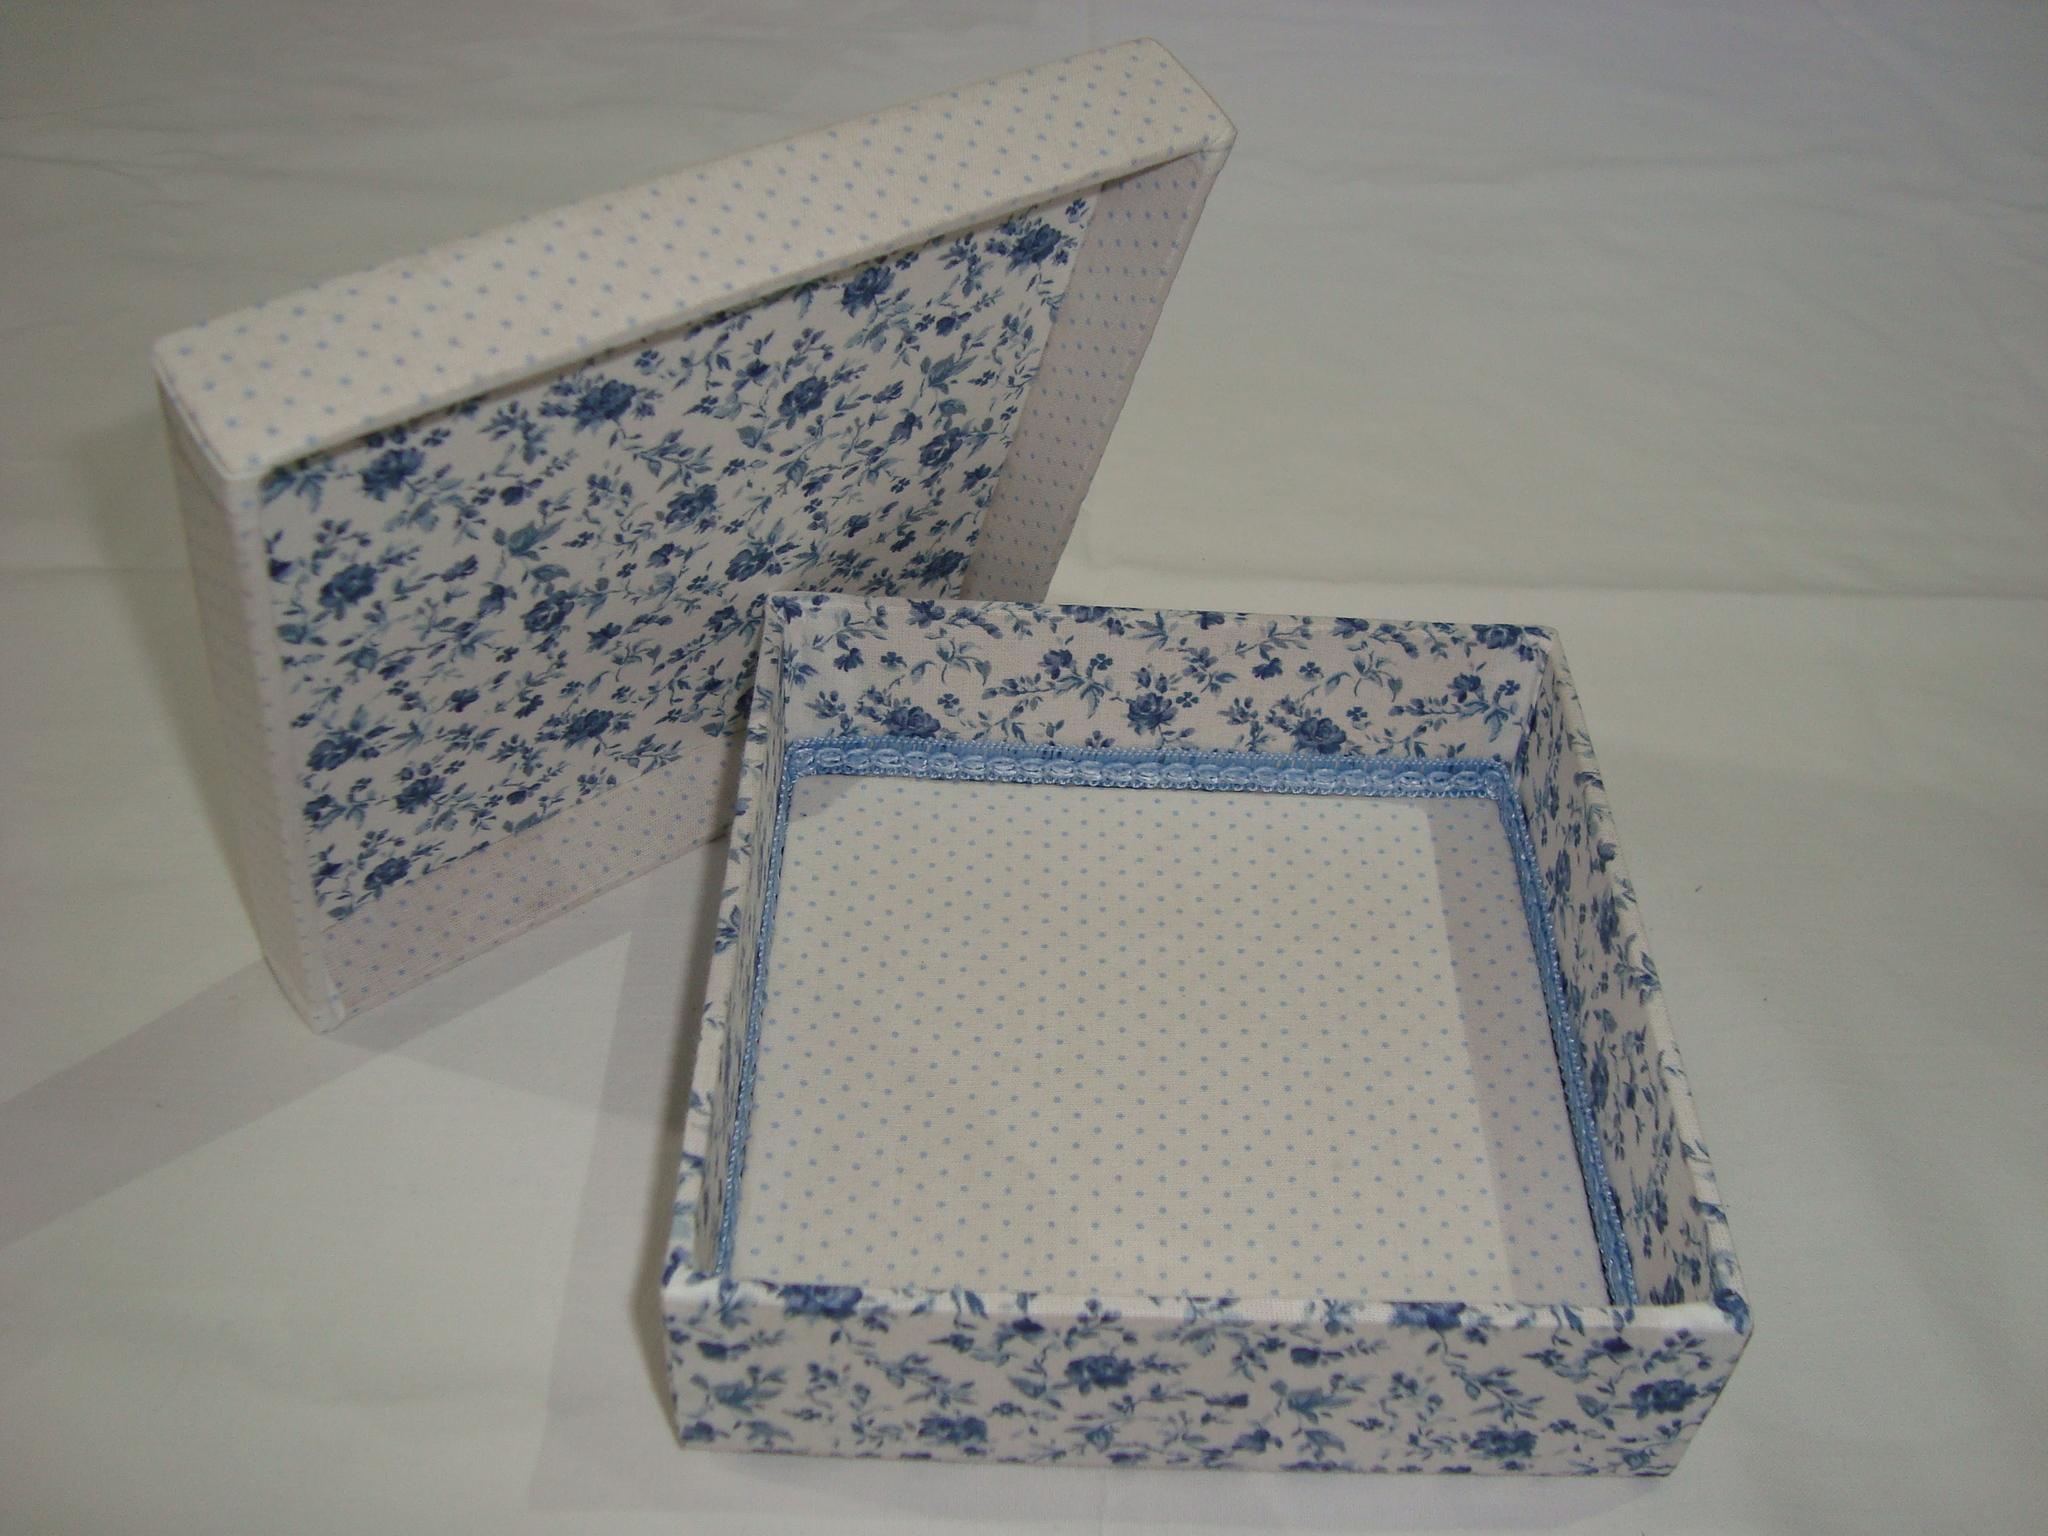 caixa de madeira revestida de tecido caixa de madeira revestida de  #434C5C 2048x1536